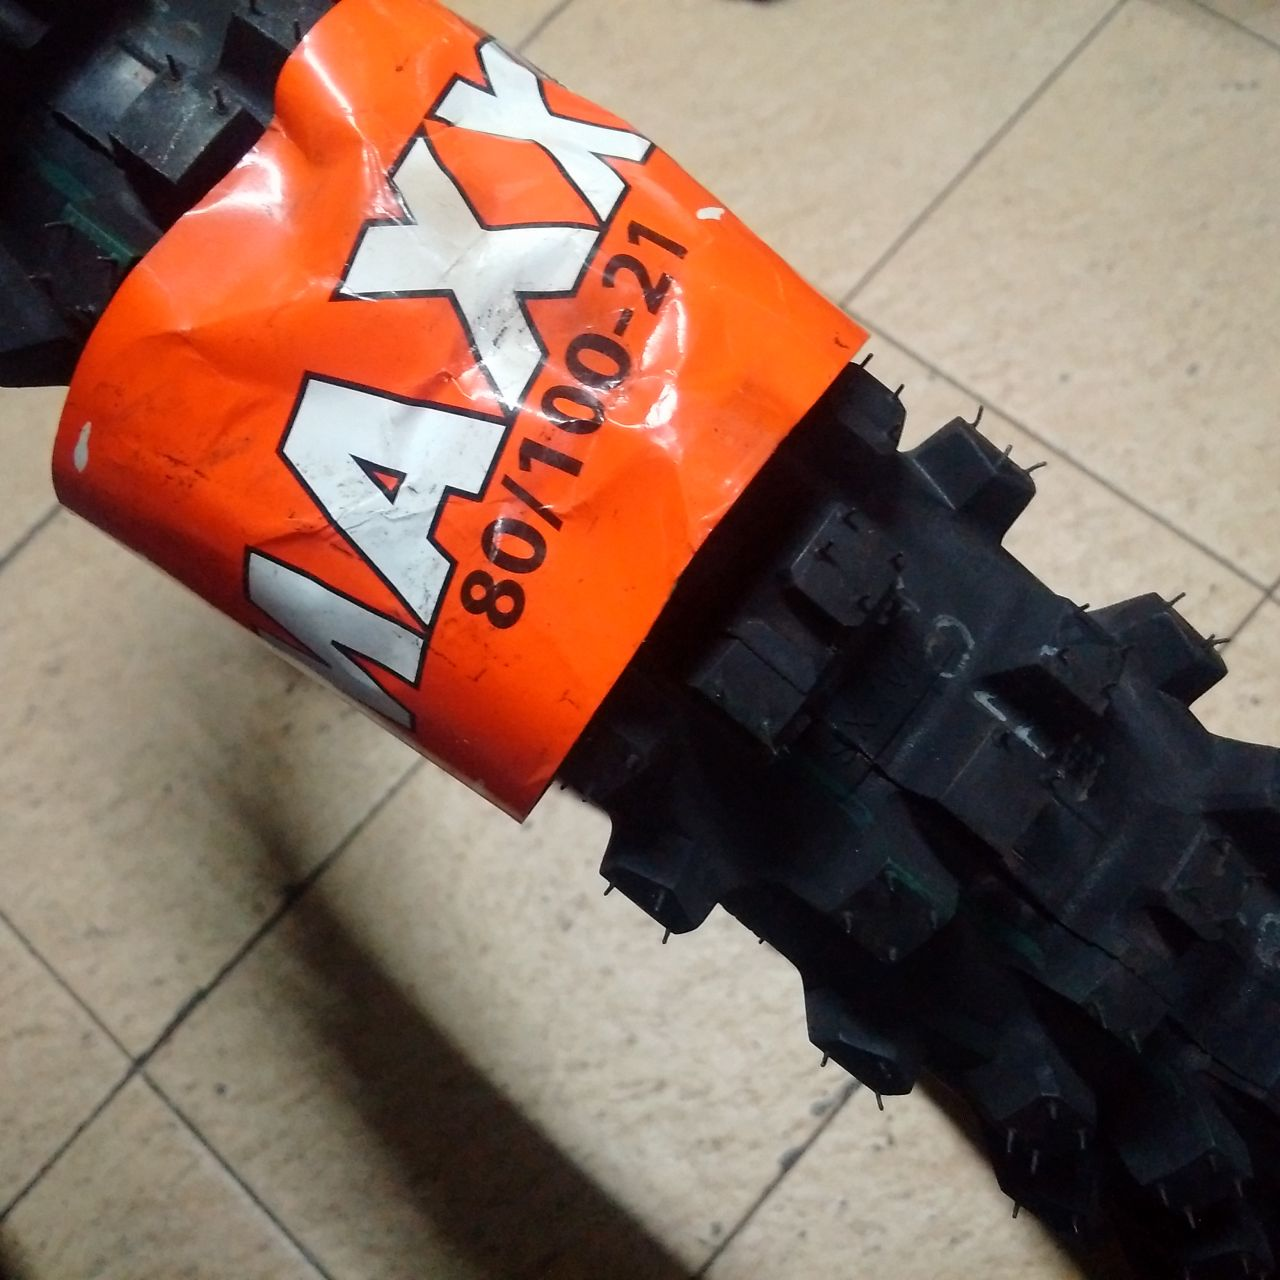 wpid wp 1461405761775 Jual ban trail : BAN MAXXIS uk 21 80/100 51M Rp.960,000 untuk depan